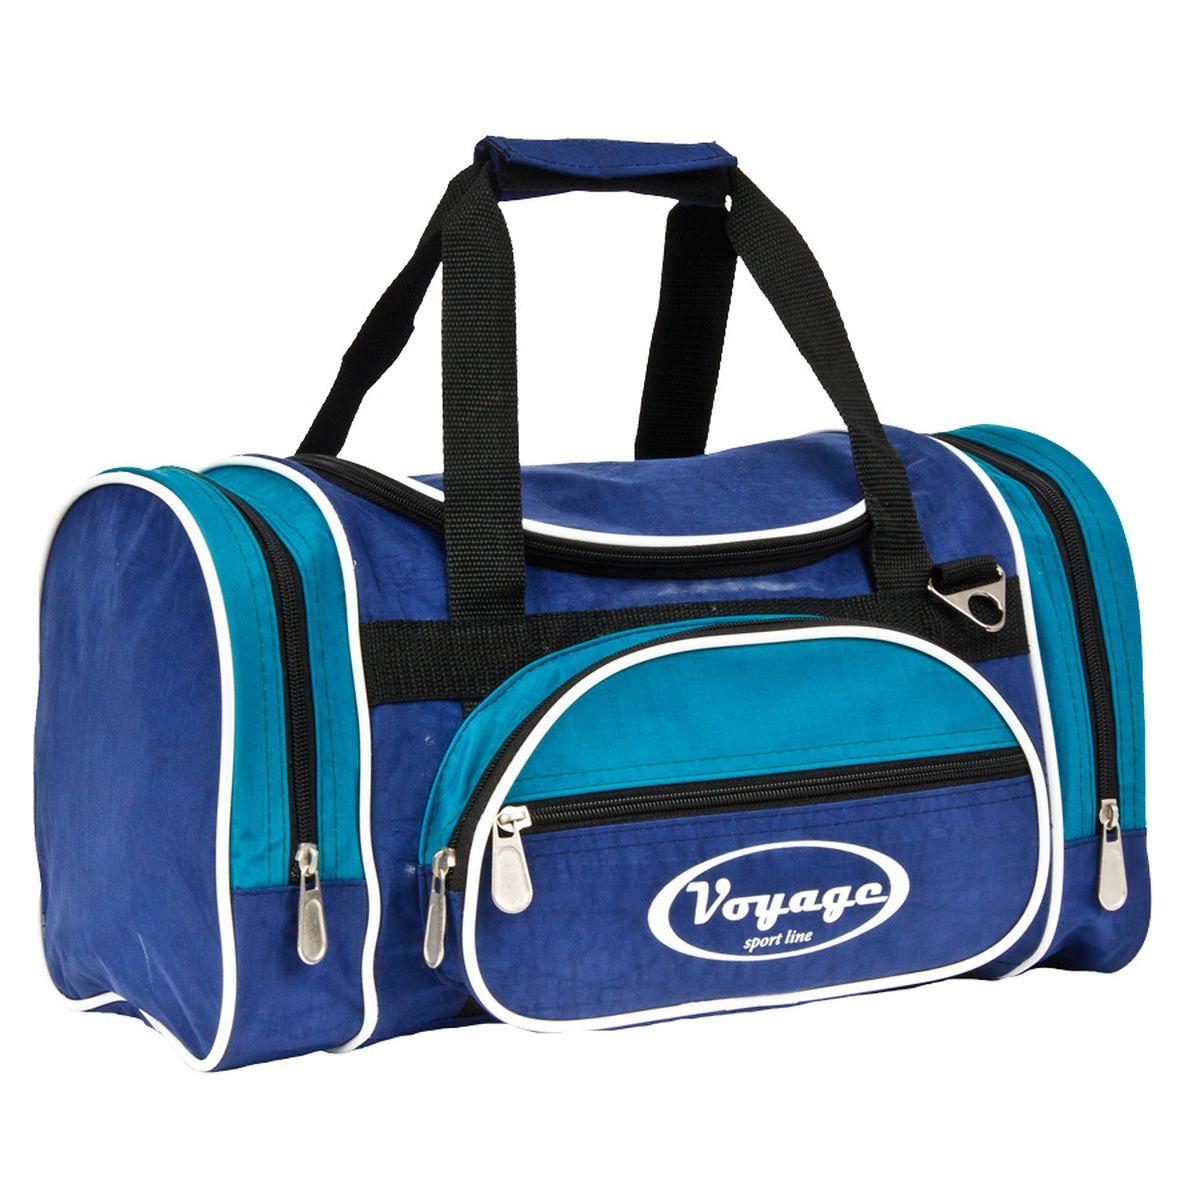 Сумка дорожная Polar, цвет: синий, голубой, 16 л. С Р209 сумка дорожная polar цвет бордовый 46 5 л 7049 2